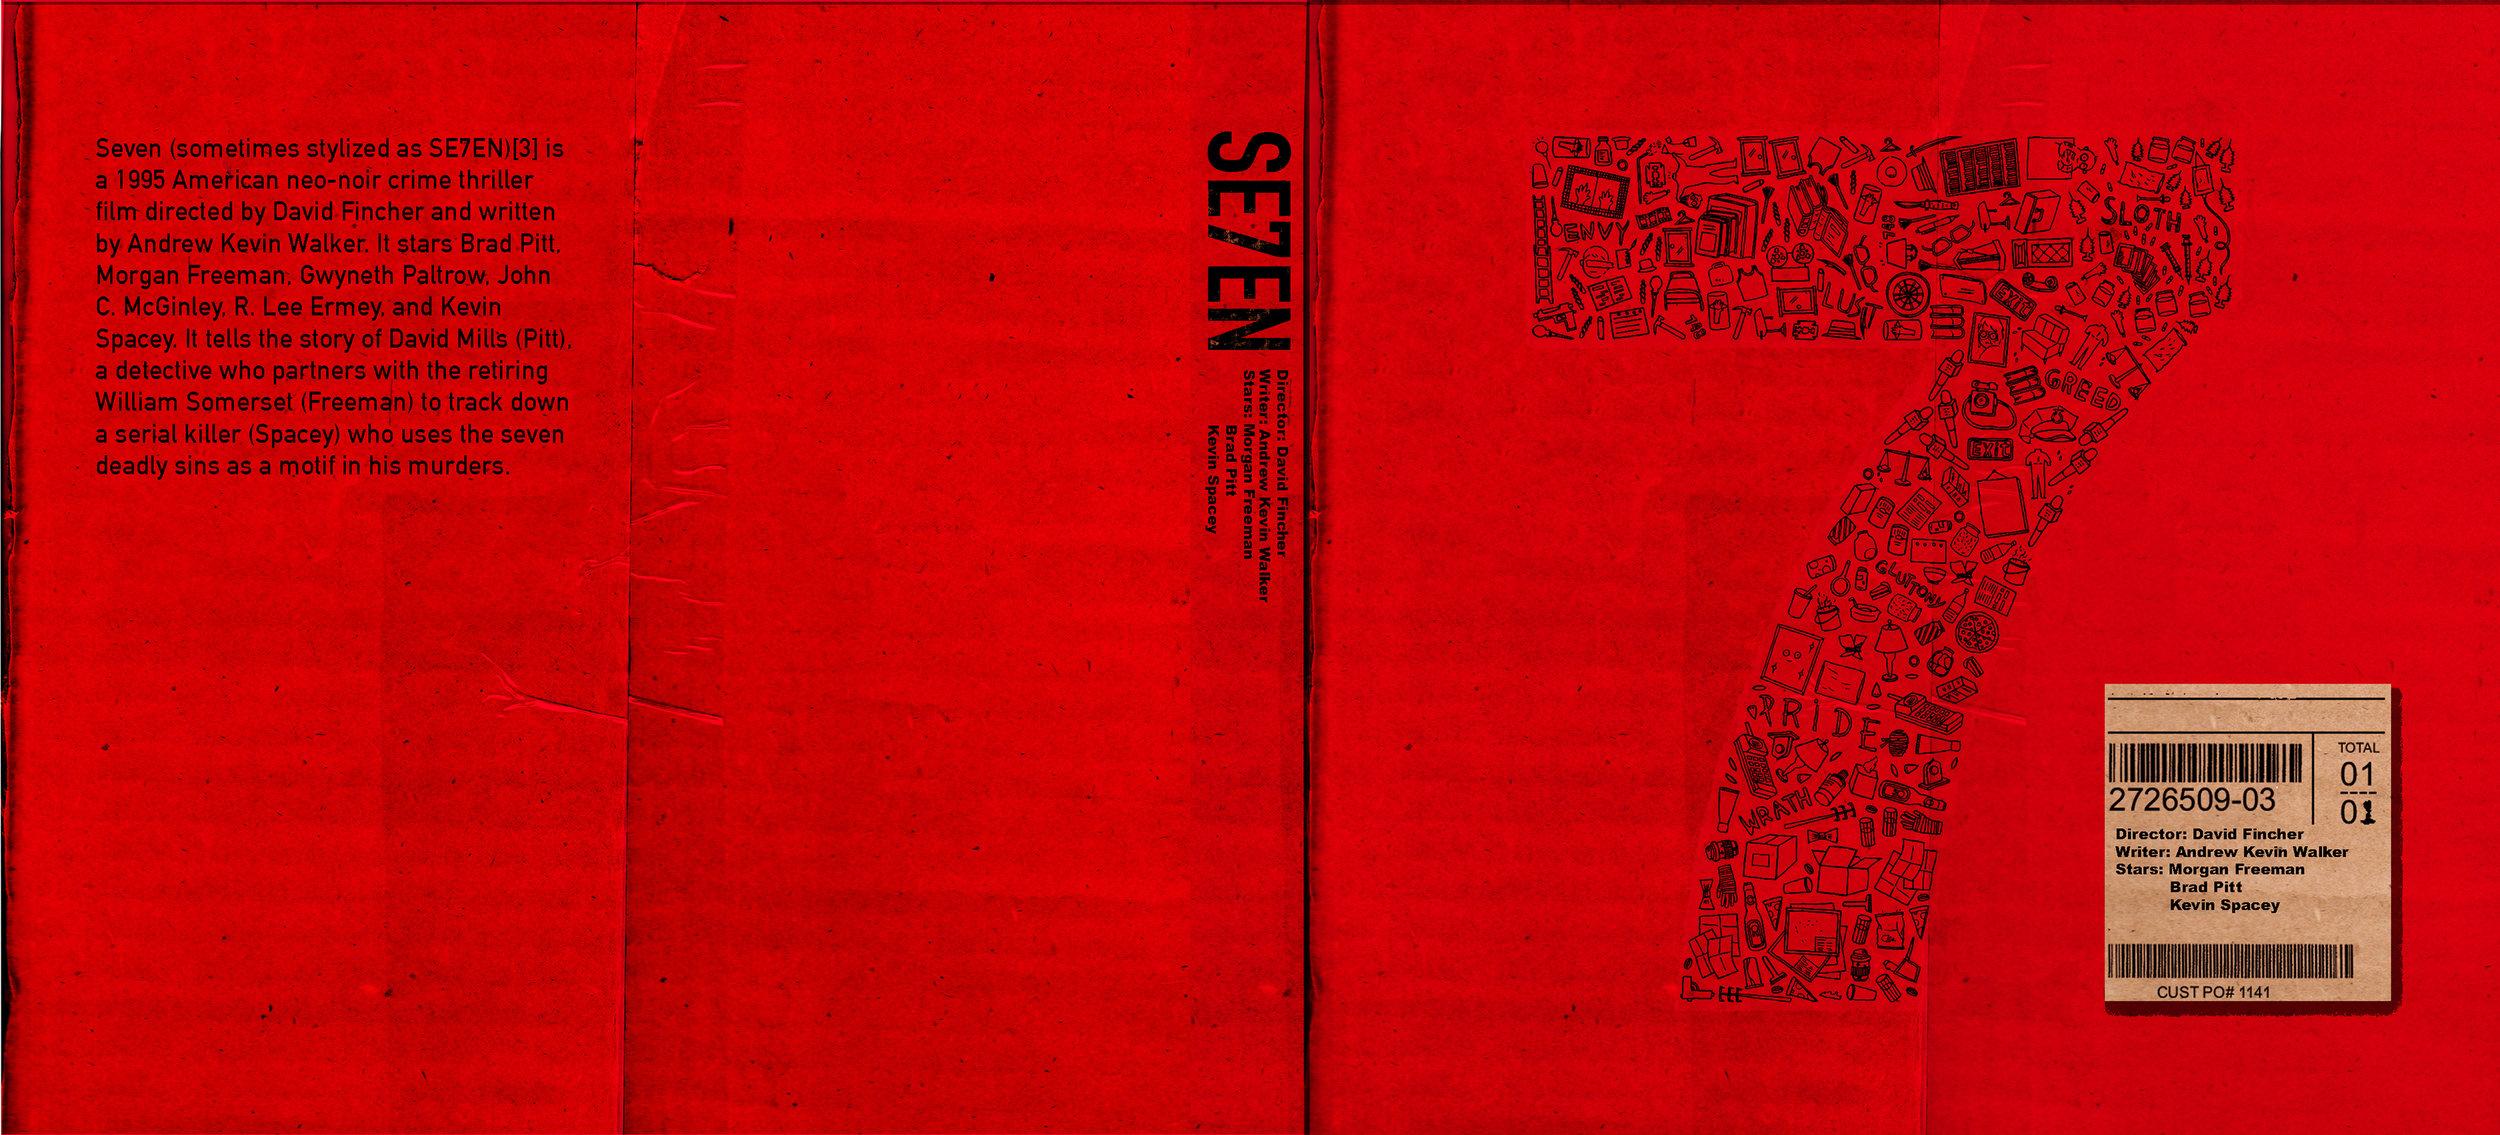 se7en final-cd cover.jpg